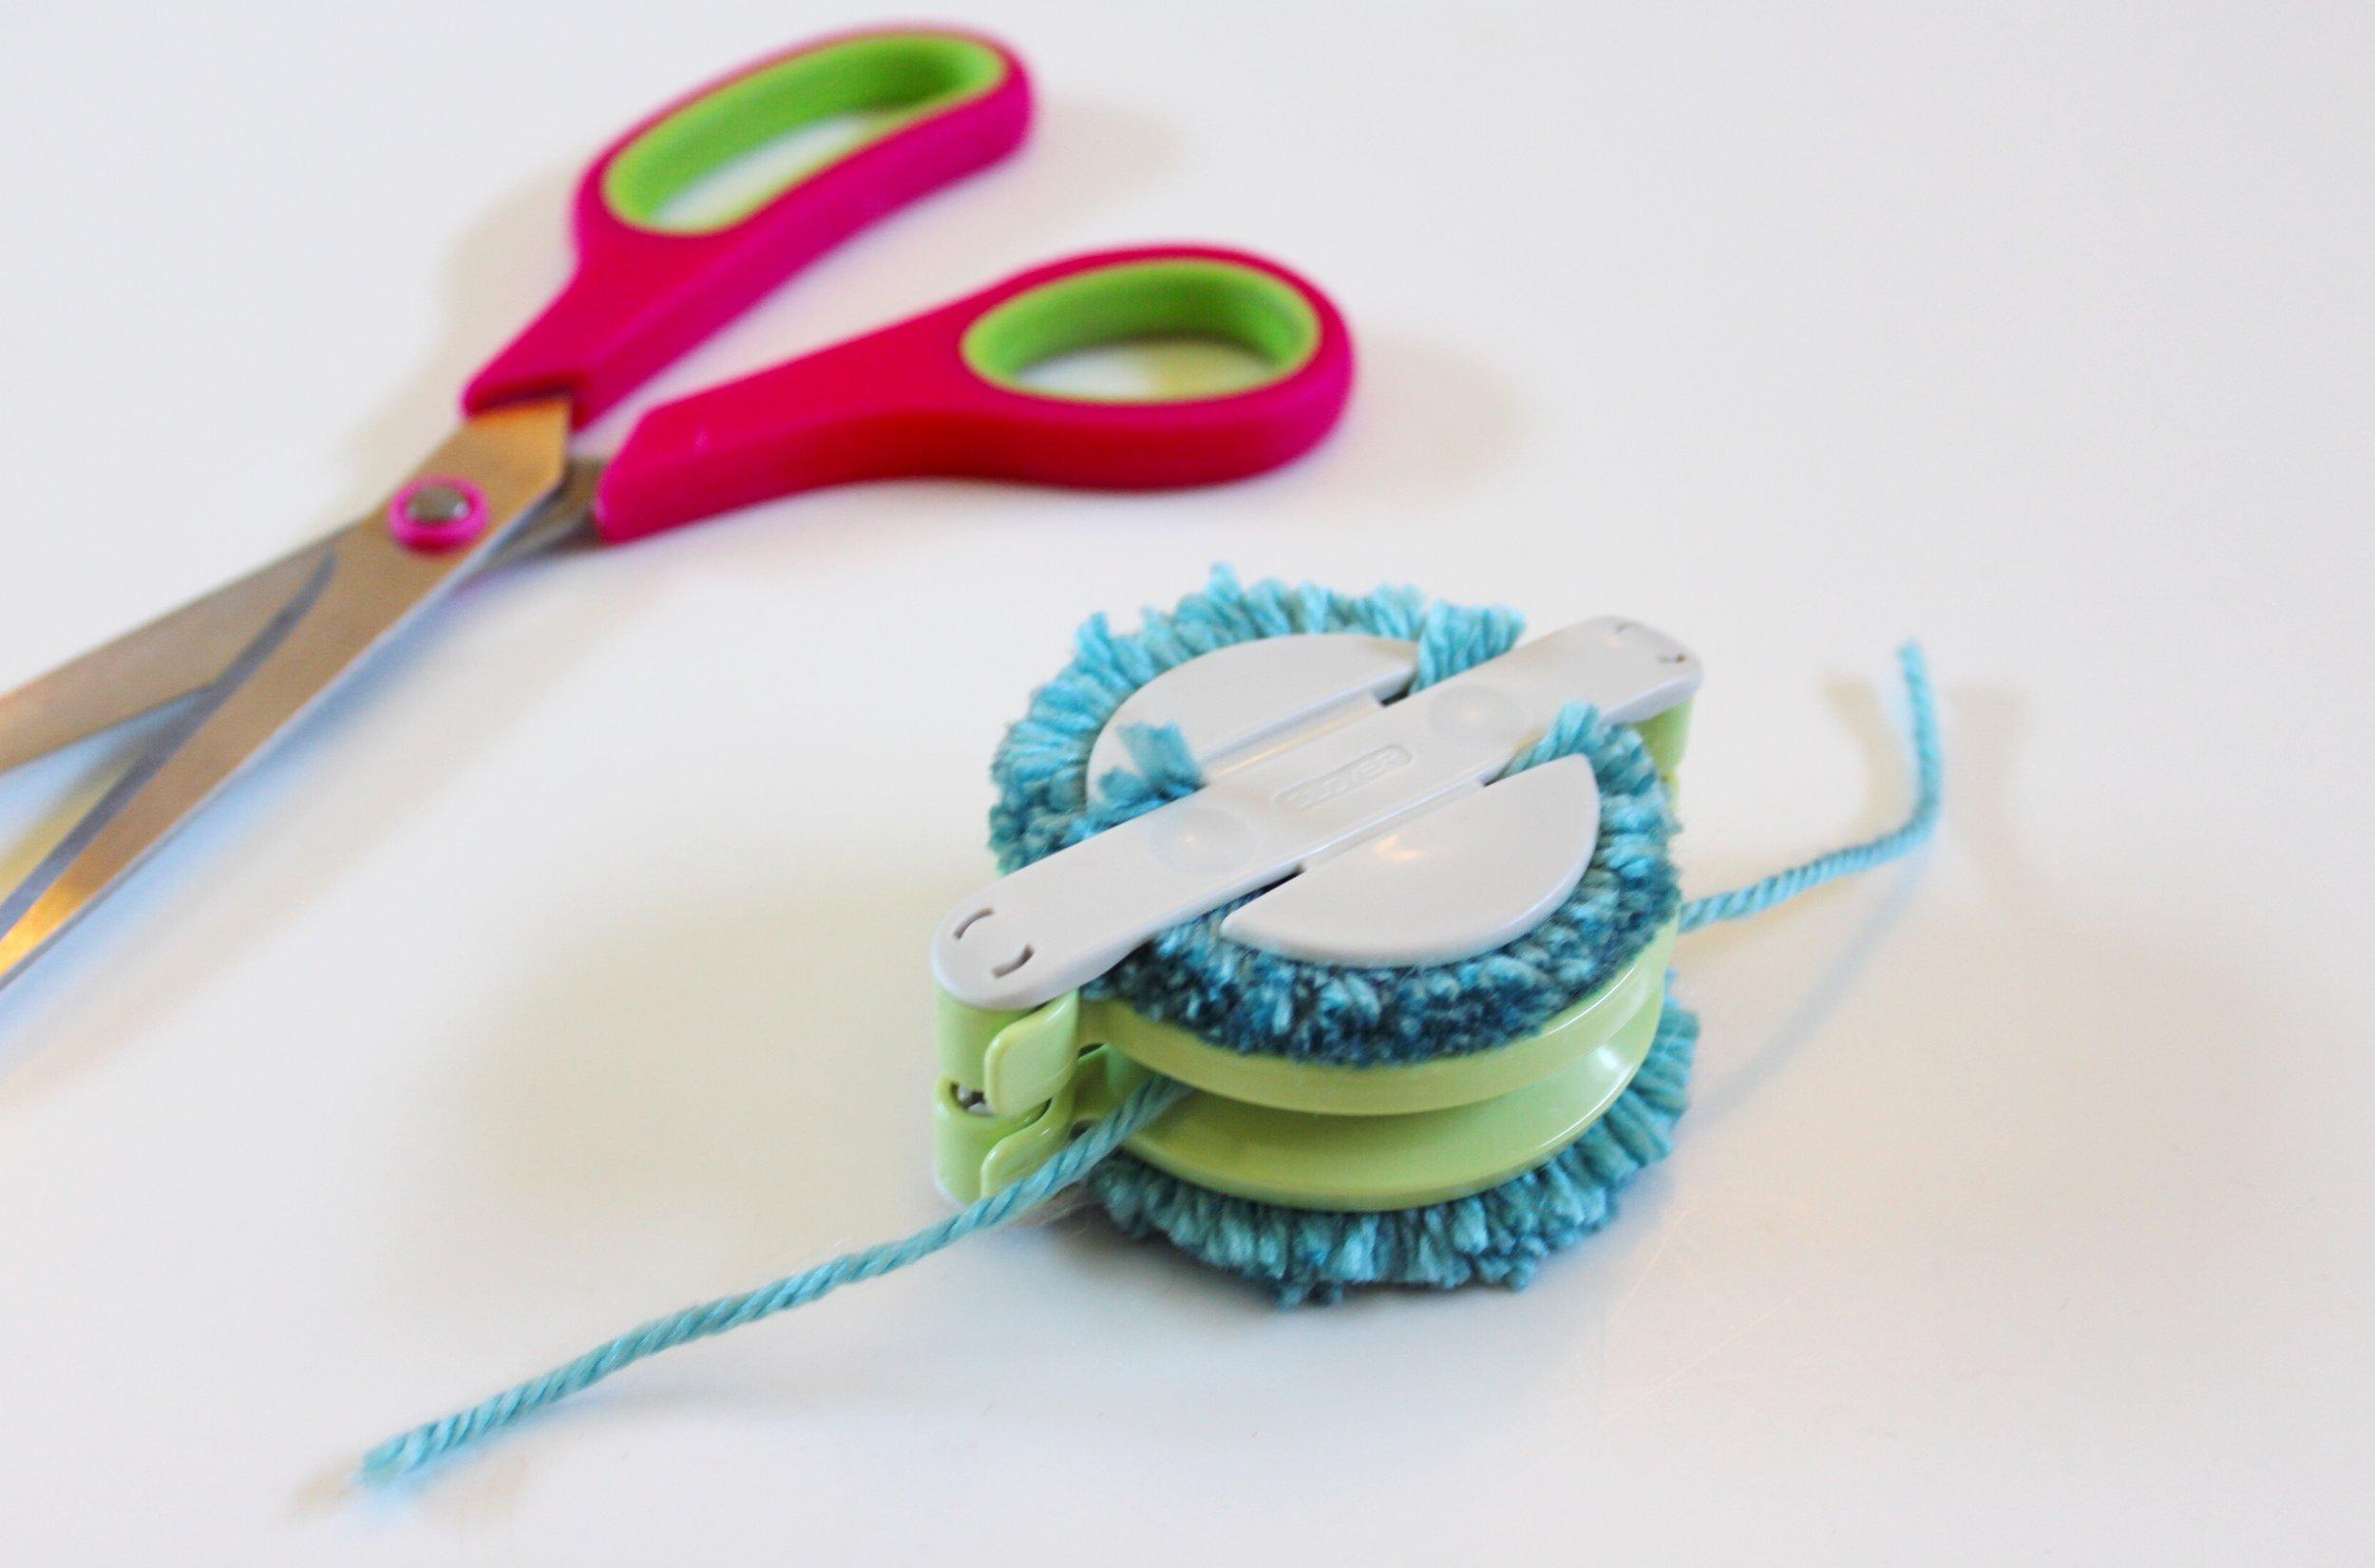 Clover Pom Pom Maker and Pink Scissors